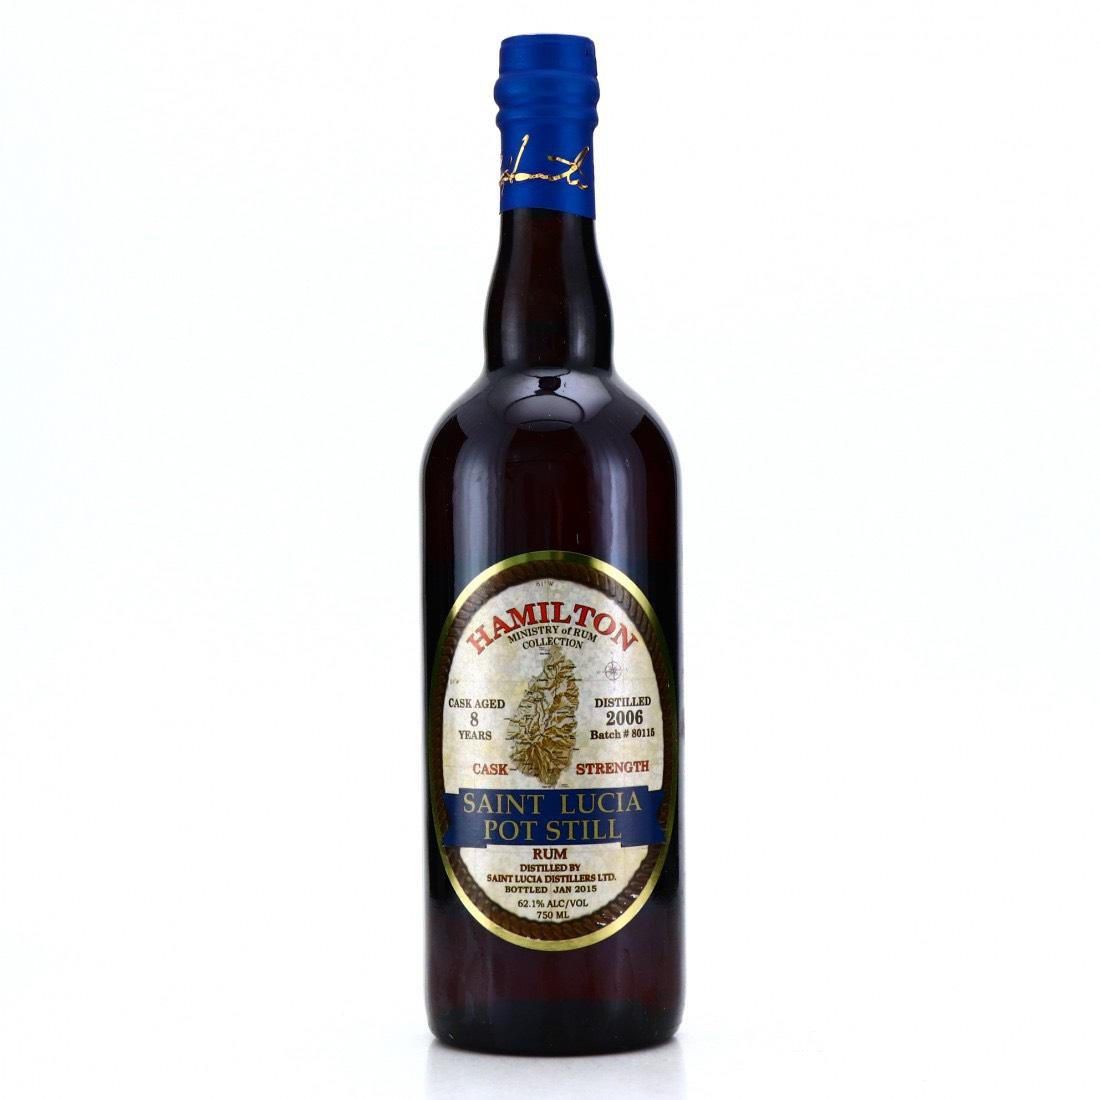 Bottle image of Hamilton Saint Lucia Pot Still